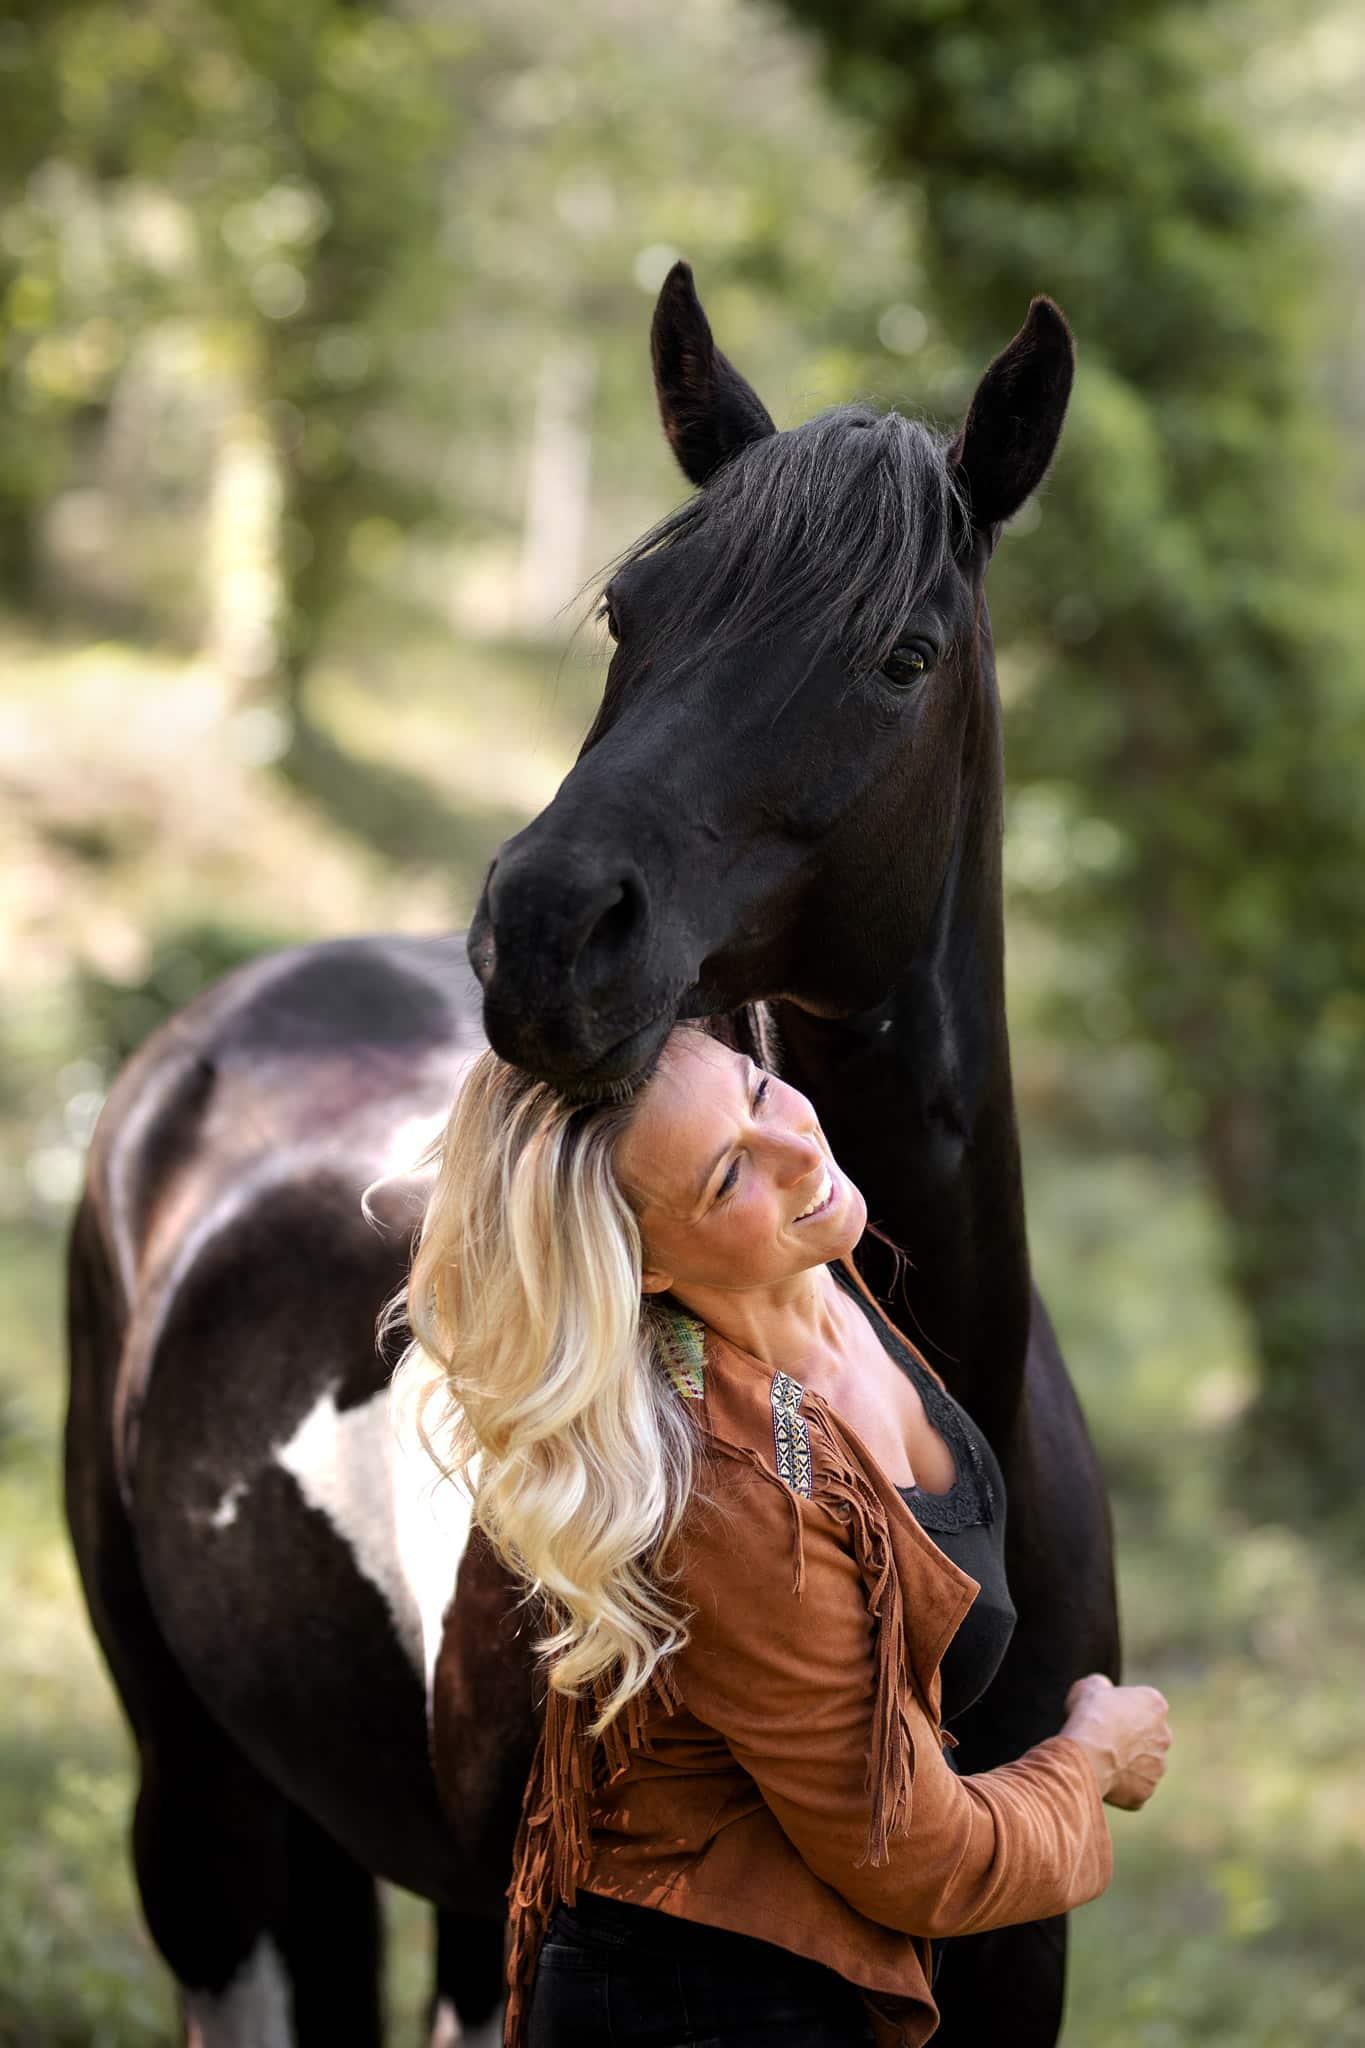 séance photo avec un cheval à Fréjus dans le Var